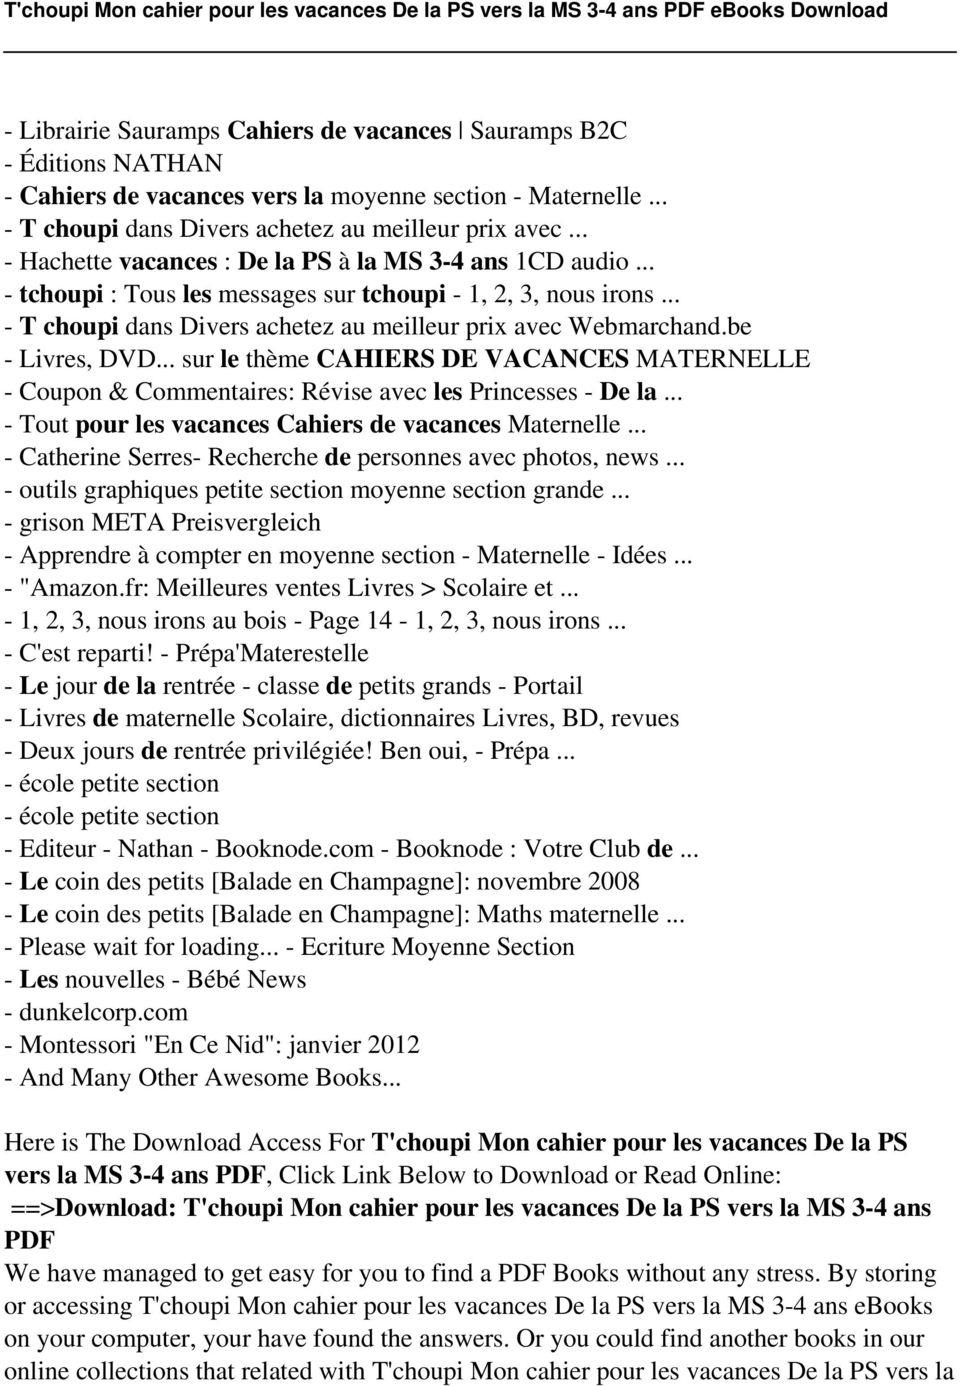 T'choupi Mon Cahier Pour Les Vacances De La Ps Vers La Ms 3 intérieur Cahier De Vacances Maternelle Pdf